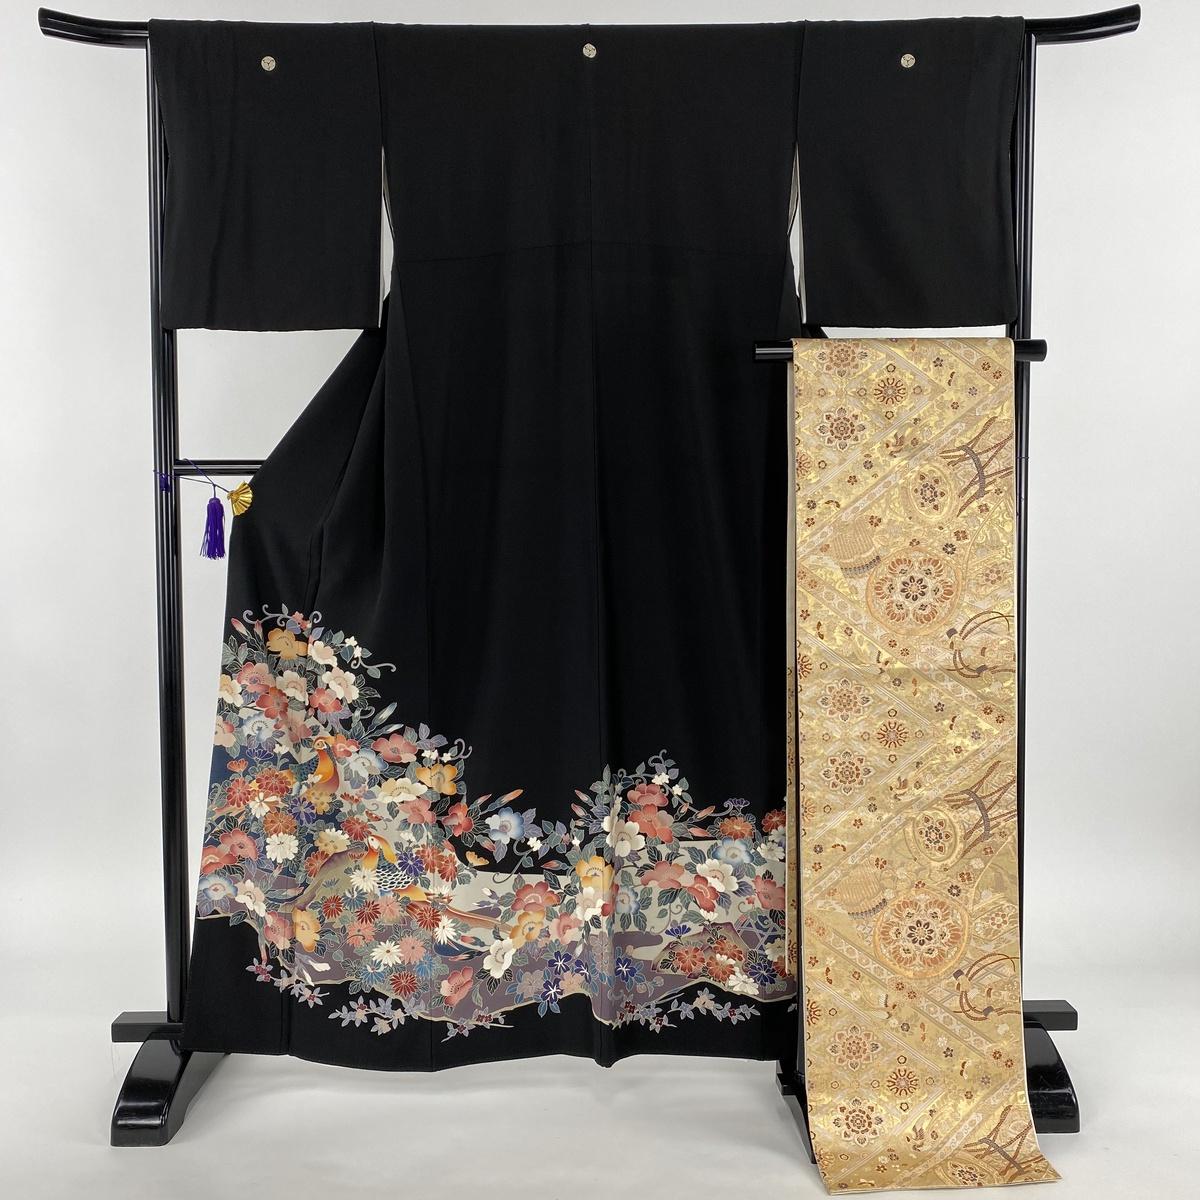 黒留袖 美品 秀品 落款あり 袋帯セット 草花 鳥 黒 袷 身丈161.5cm 裄丈65.5cm M 正絹 【中古】